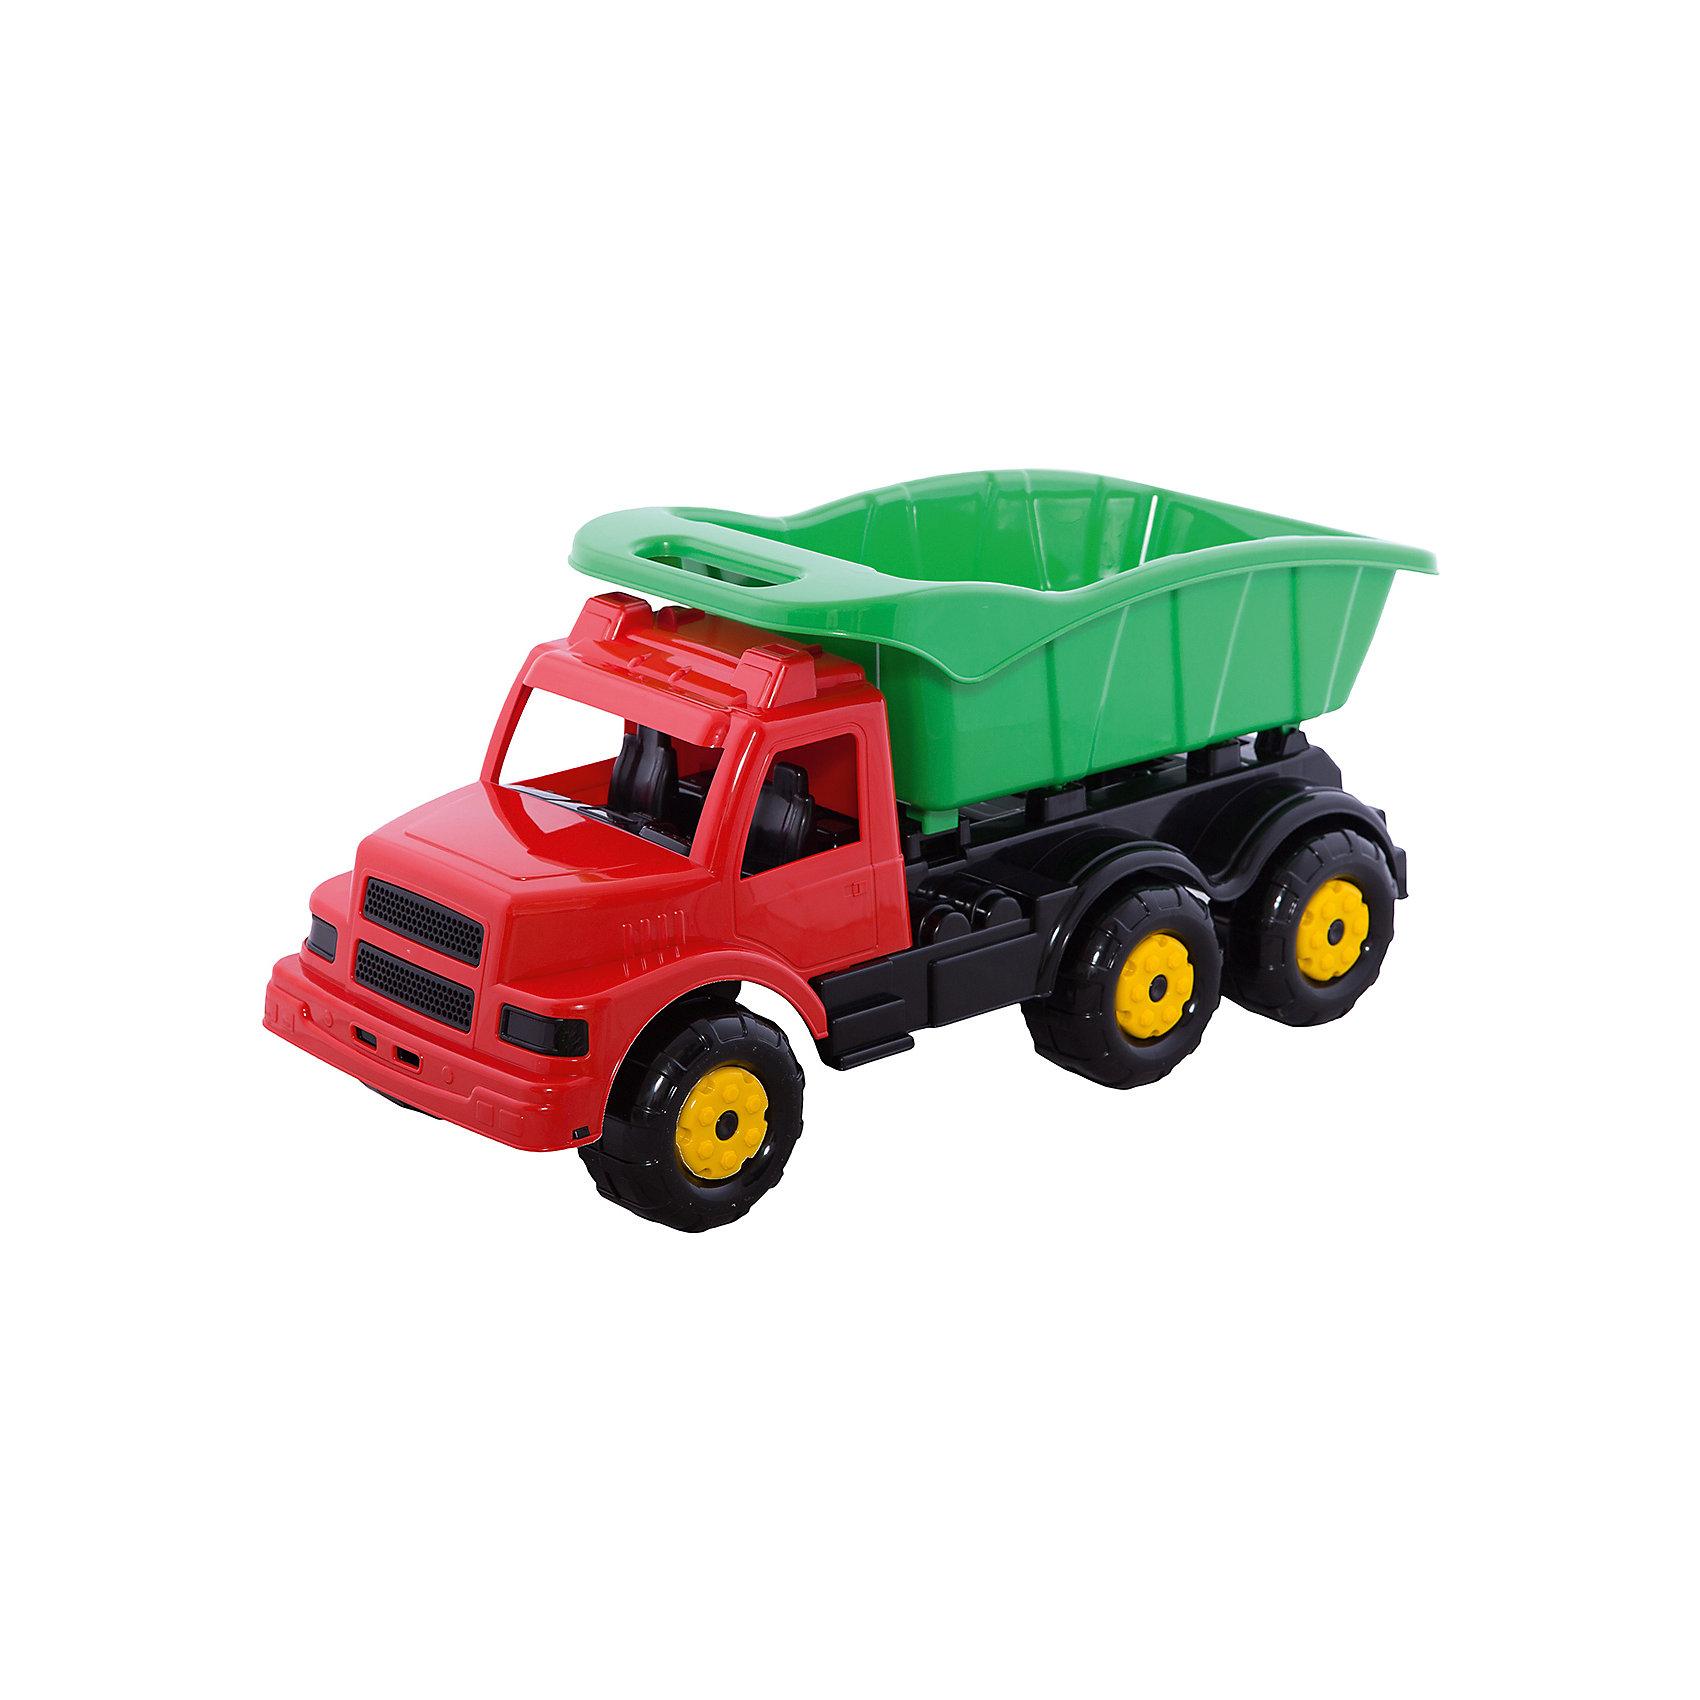 Машинка детская Самосвал ,  Alternativa, красныйМашинки<br>Машинку Самосвал по достоинству оценит каждый мальчик, ведь она очень устойчивая и с ней удобно играть. Кузов самосвала легко поднимается и опускается. <br><br>Дополнительная информация:<br>Материал: пластик<br>Цвет: красный<br>Размер: 69,5х29х33 см<br><br>Машинку Самосвал можно приобрести в нашем интернет-магазине.<br><br>Ширина мм: 695<br>Глубина мм: 290<br>Высота мм: 330<br>Вес г: 2244<br>Возраст от месяцев: 36<br>Возраст до месяцев: 144<br>Пол: Унисекс<br>Возраст: Детский<br>SKU: 4979758